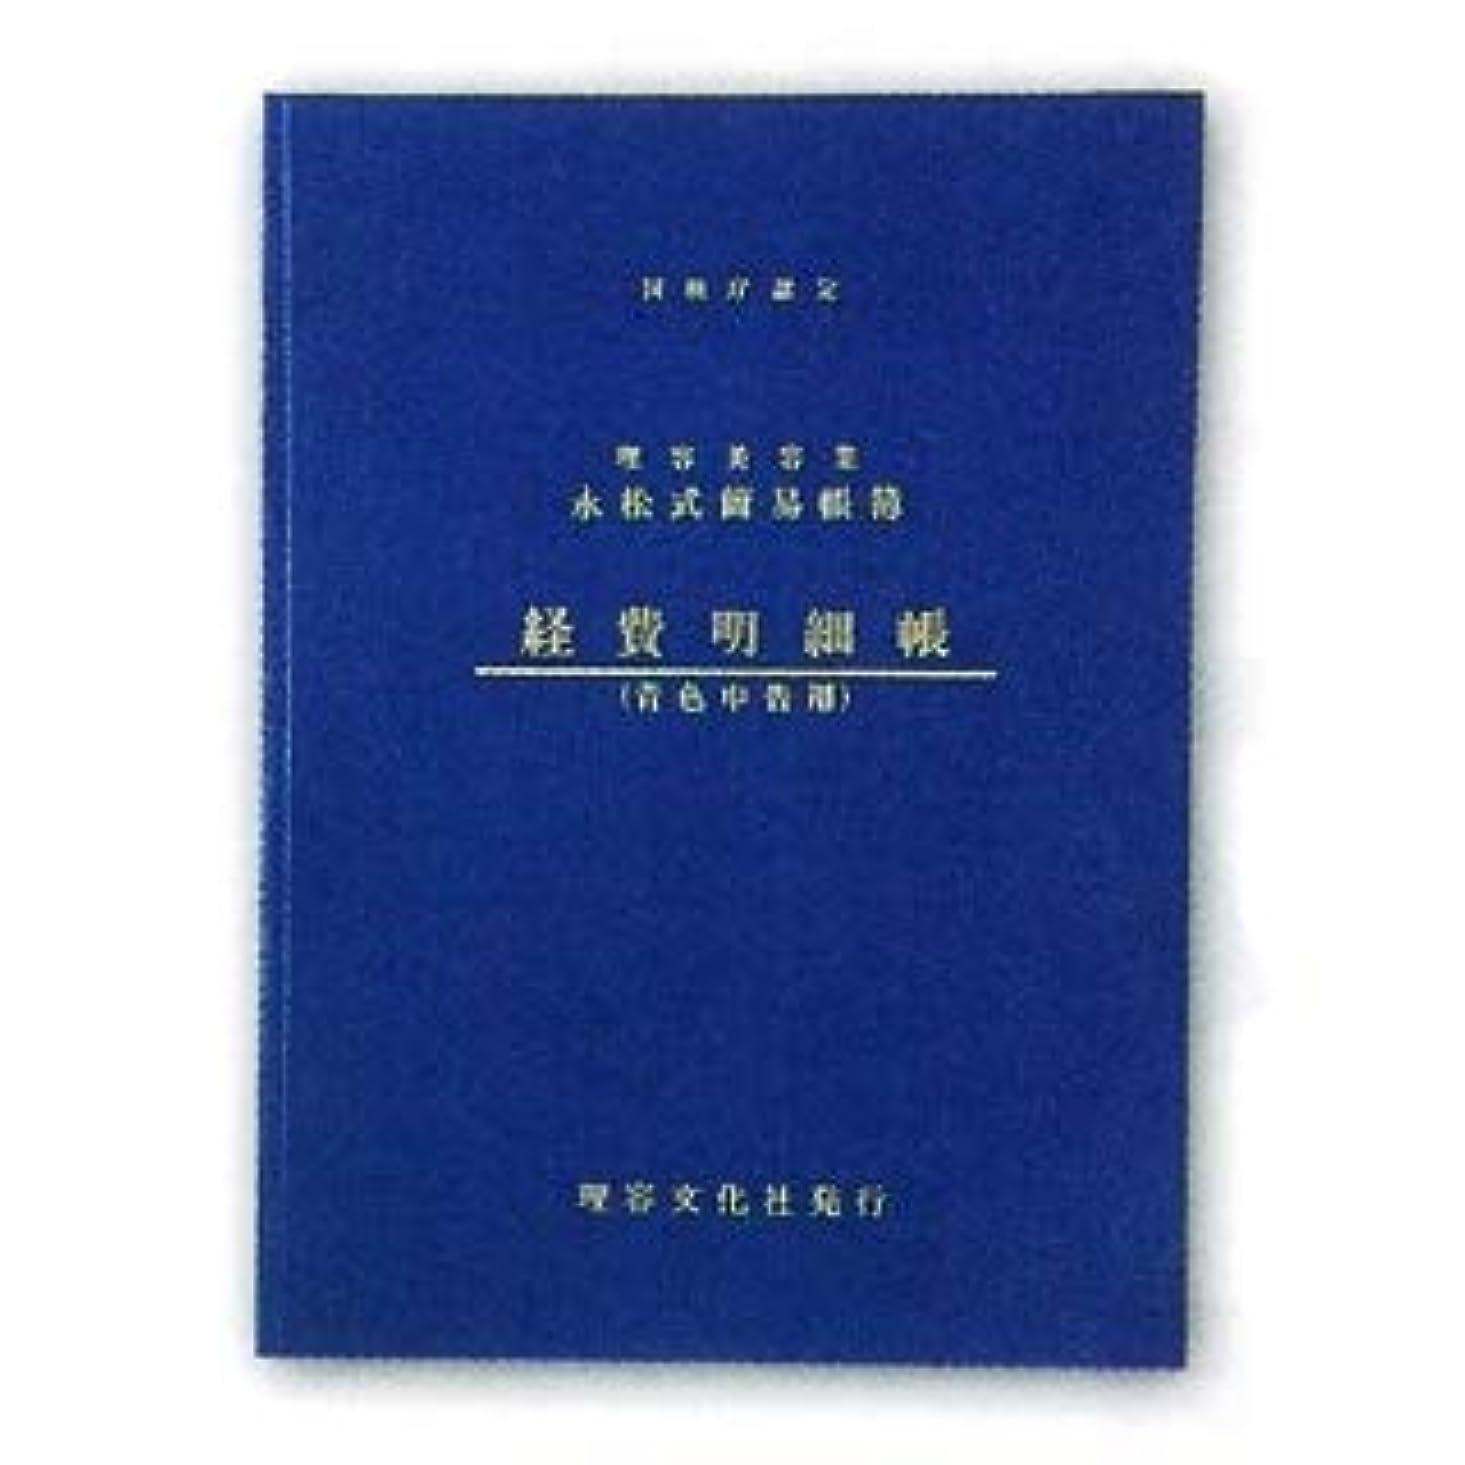 永松式簡易帳簿 経費明細帳(青色申告用)